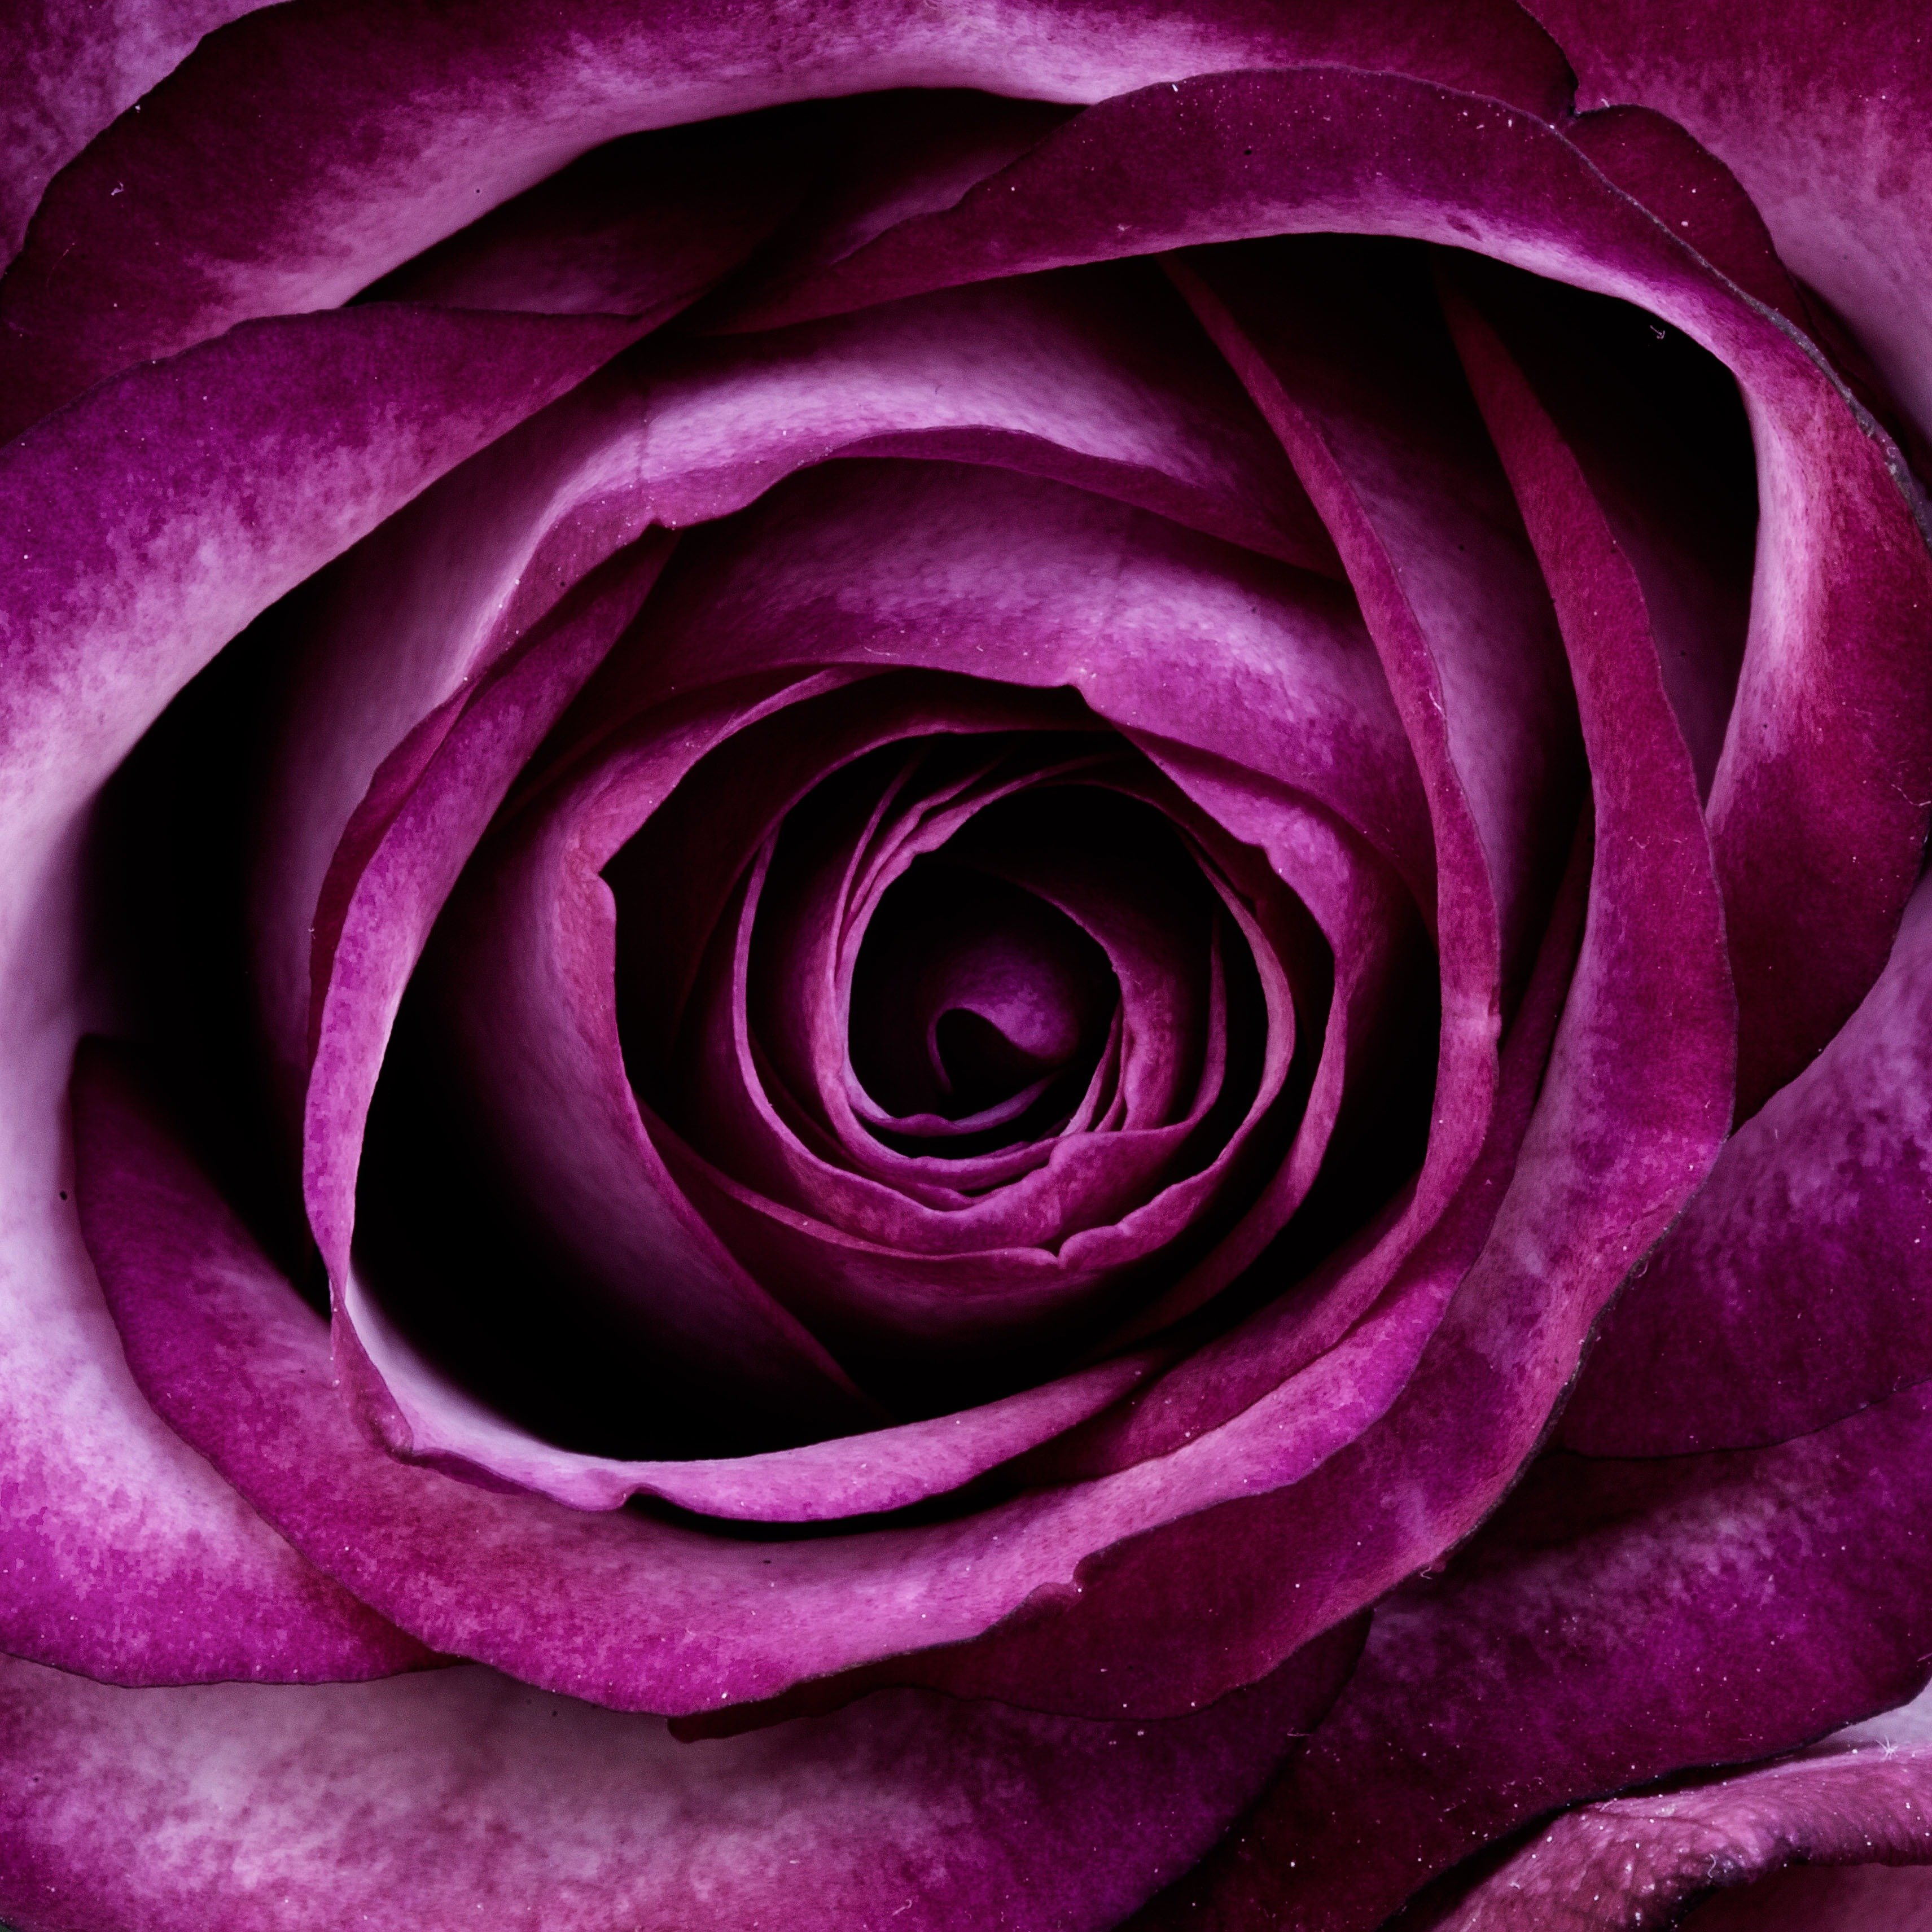 Purple plant rose flower petals nature